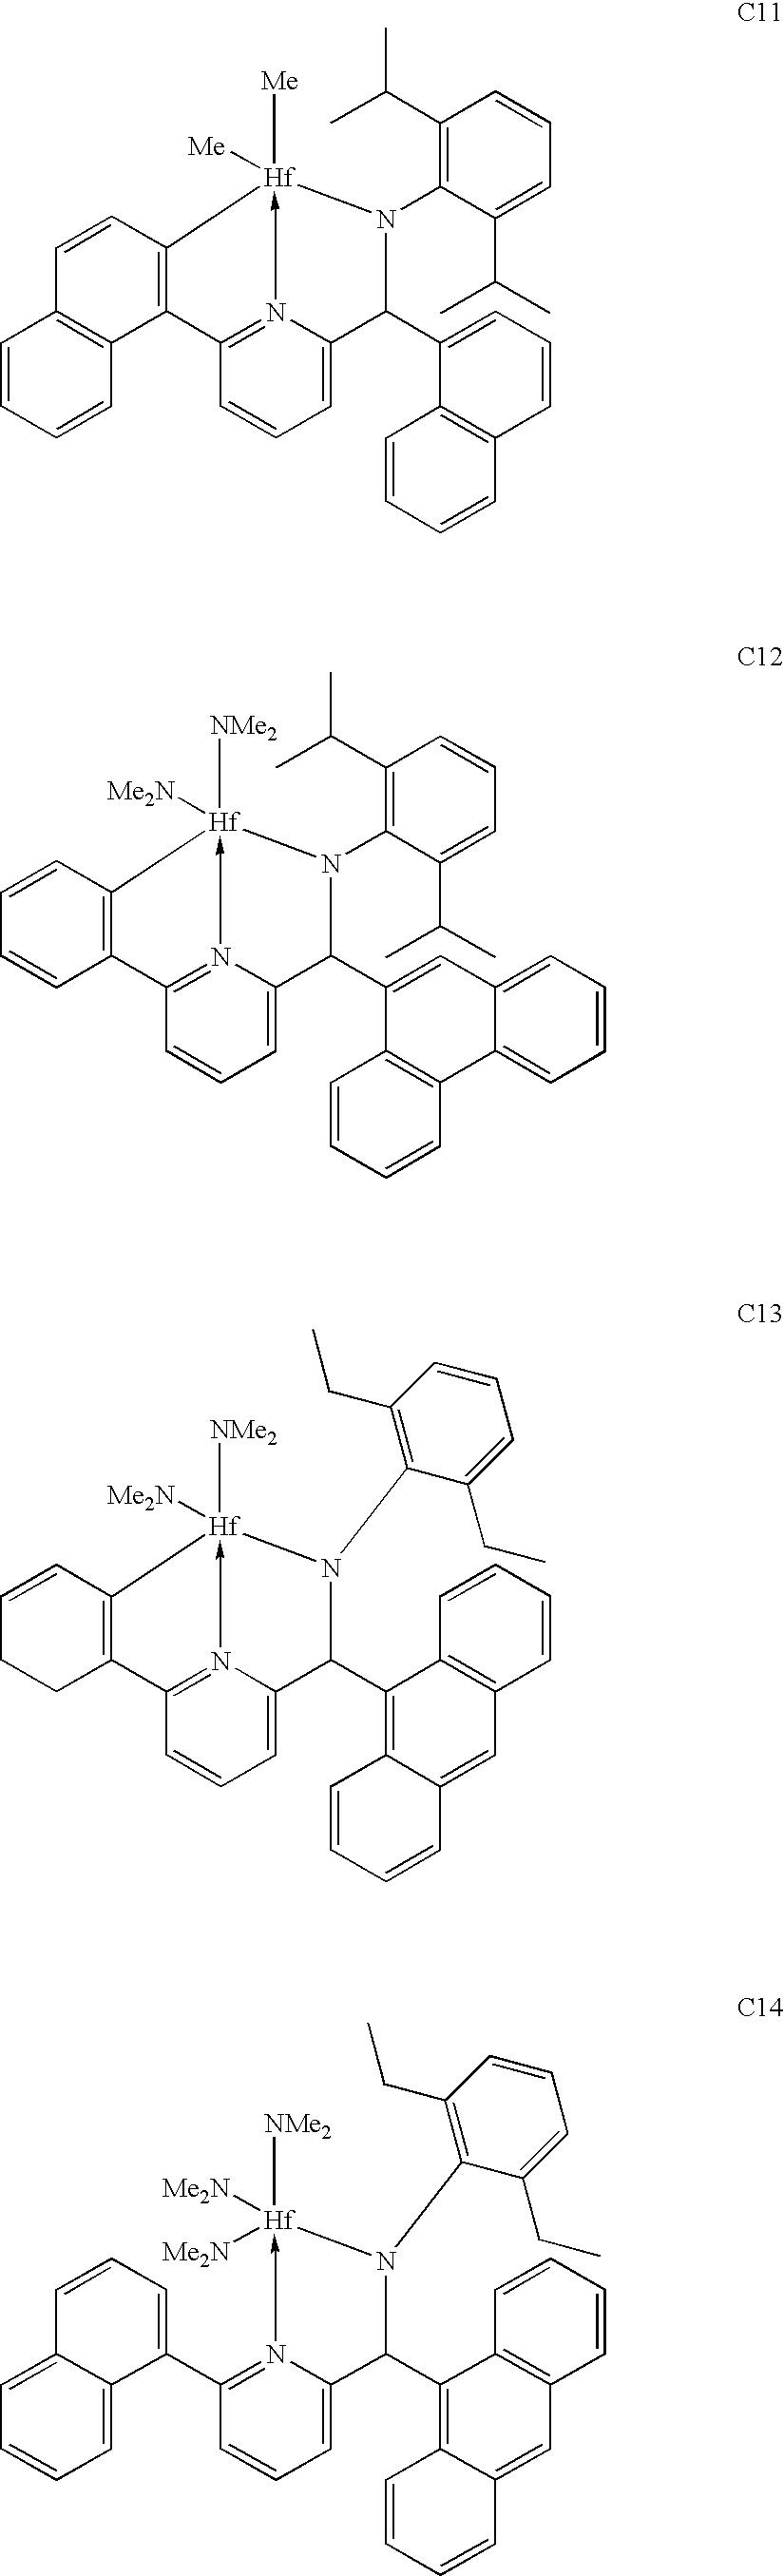 Figure US06900321-20050531-C00095